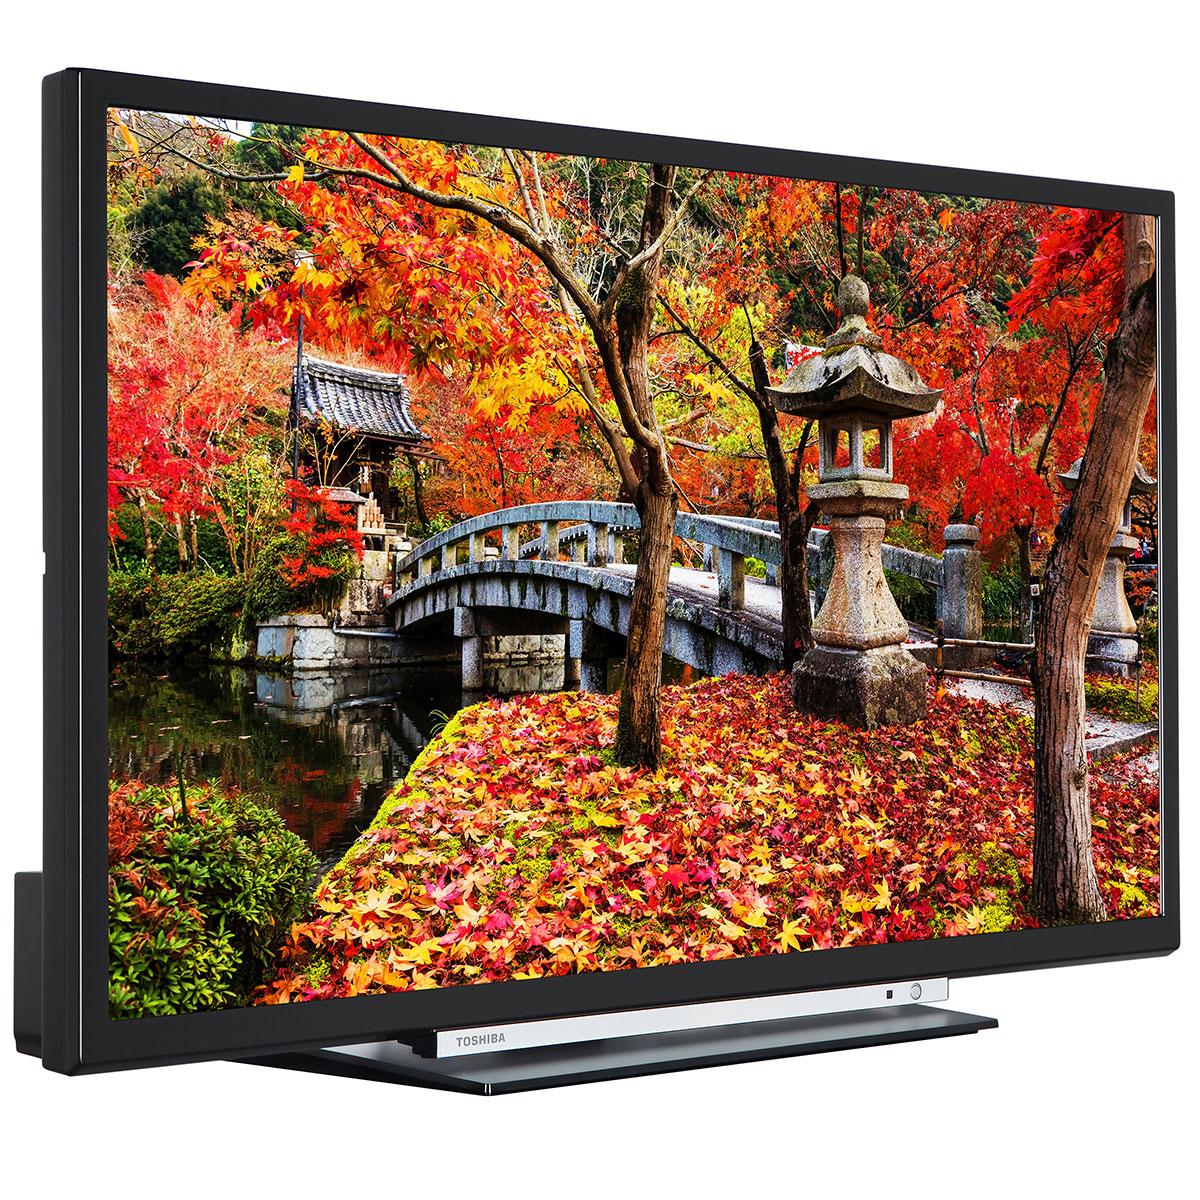 Costco Toshiba 32W3753DB 32 Inch HD Ready Smart TV - £189.99 @ Costco